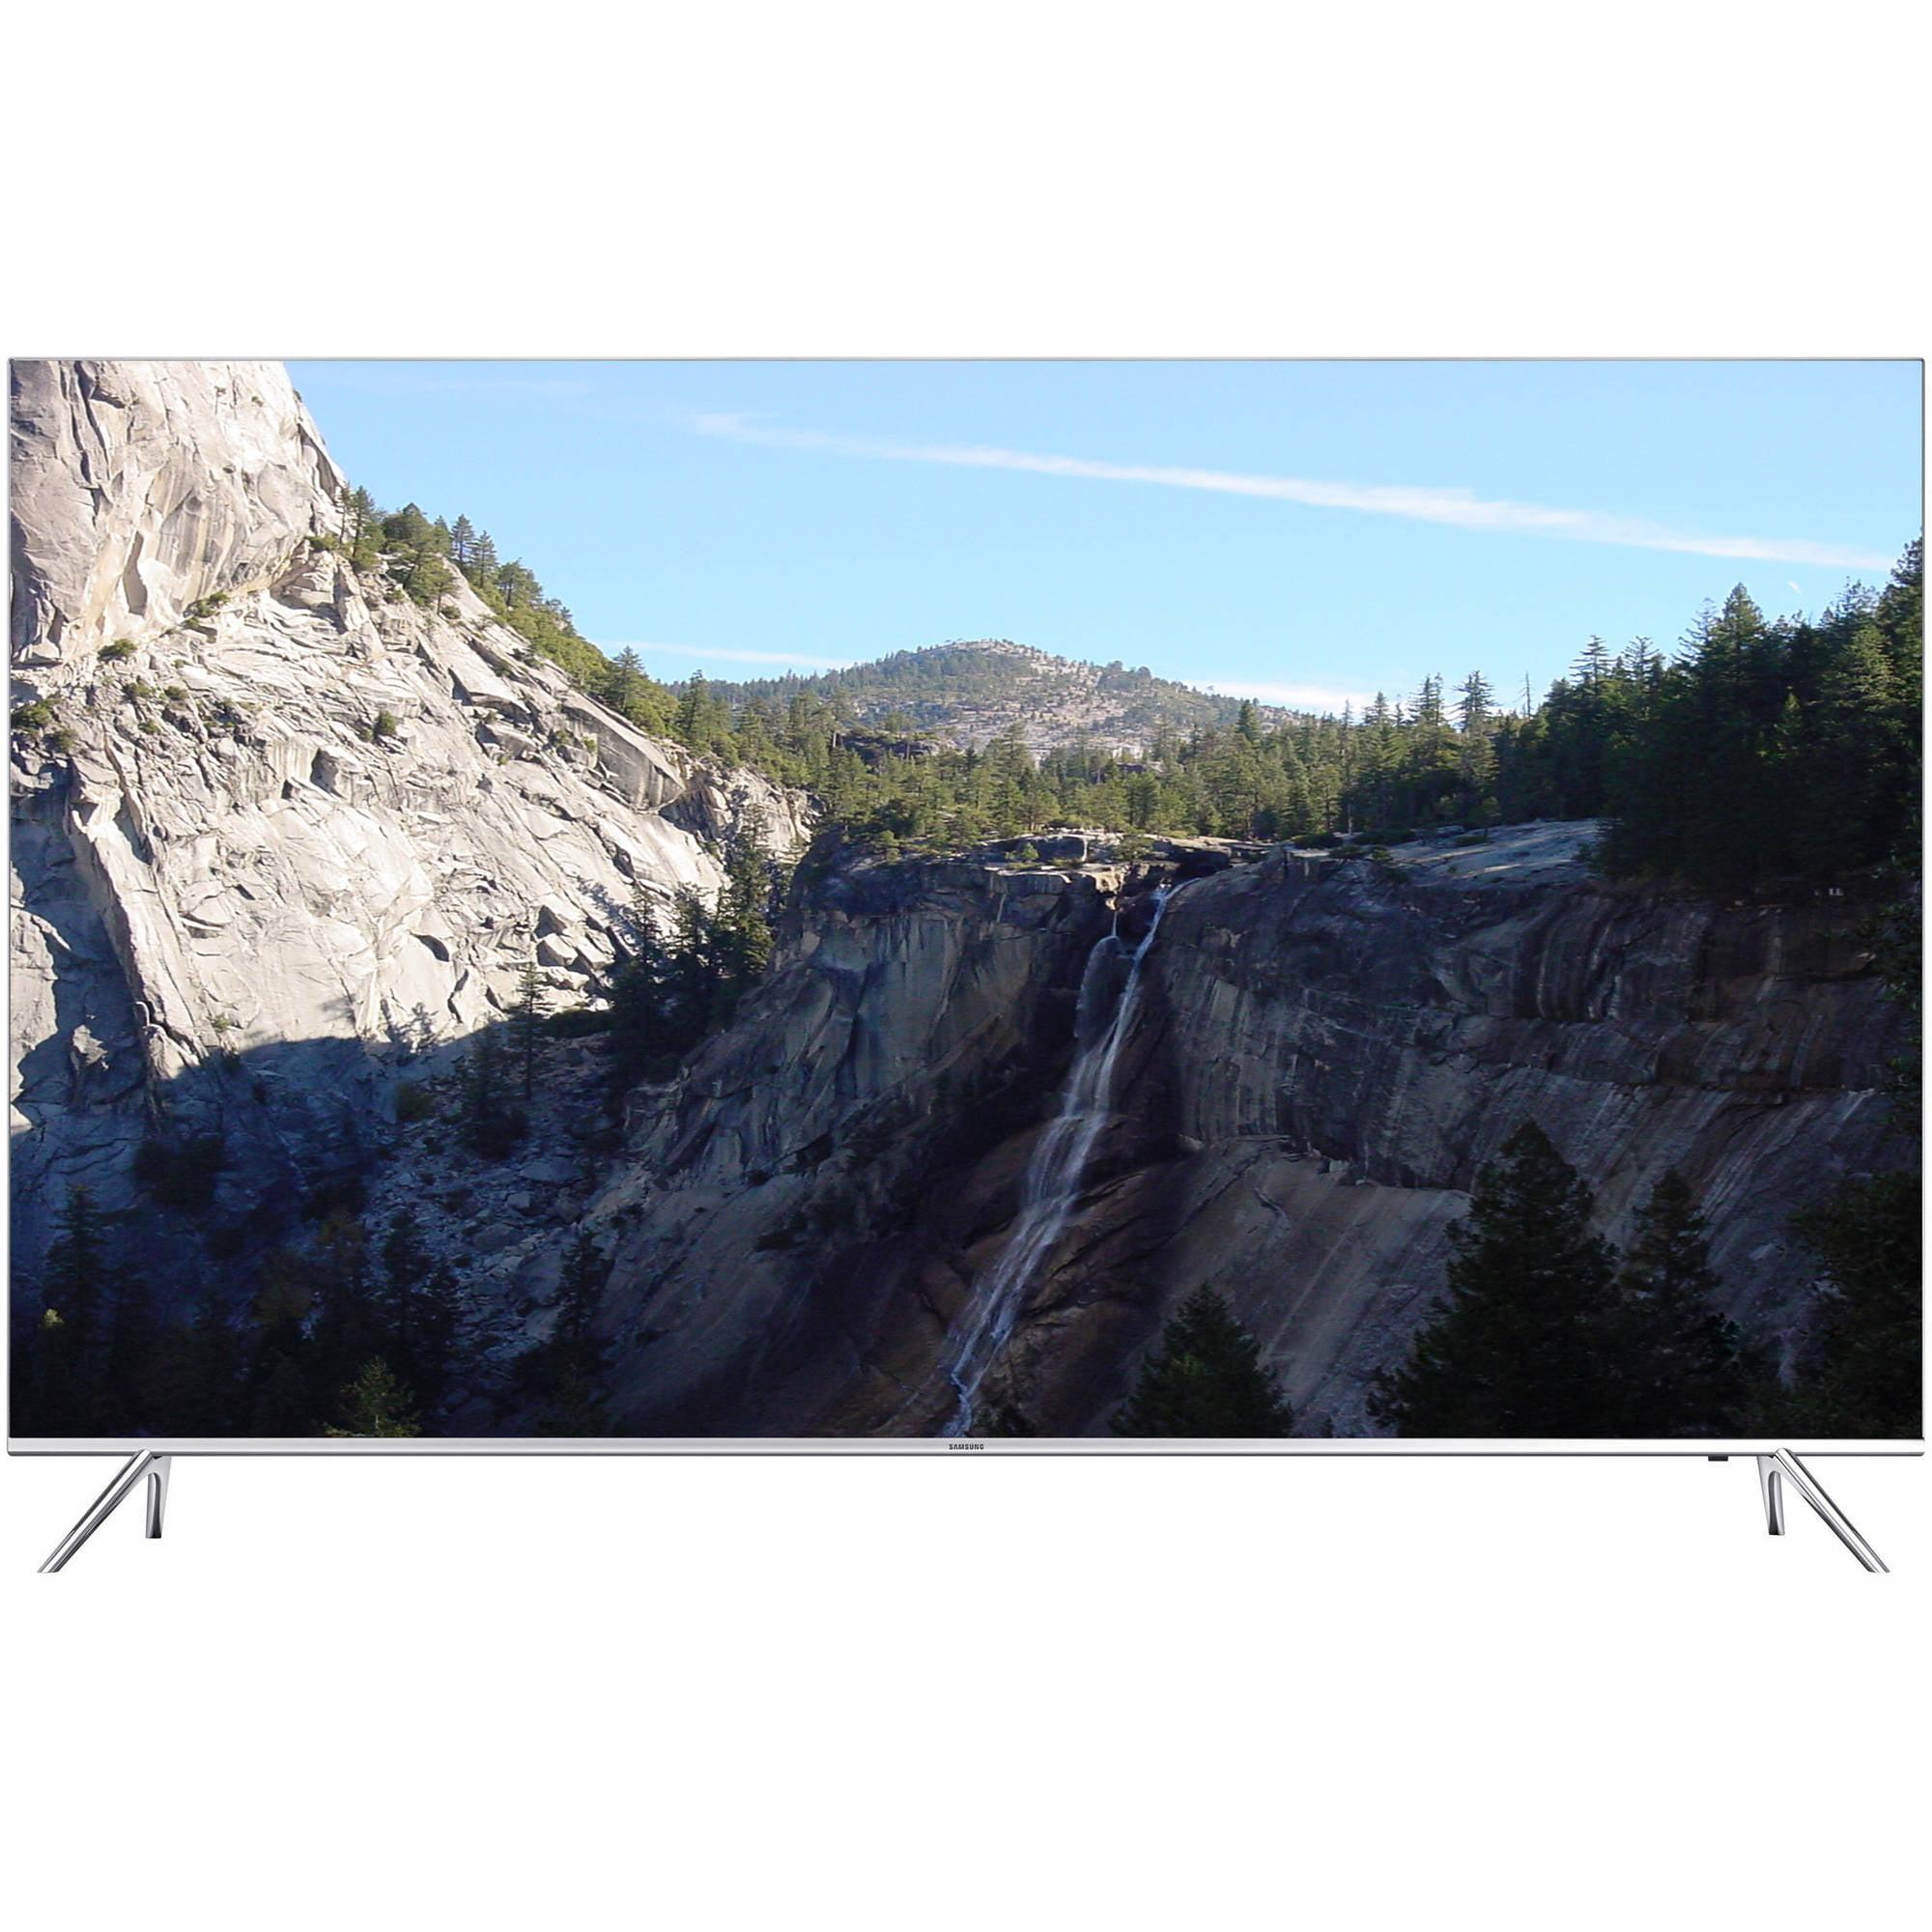 Refurbished Samsung 60 Class  -  4K Ultra HD, Smart, LED TV  -  2160p, 120Hz (UN60KS8000FXZA)